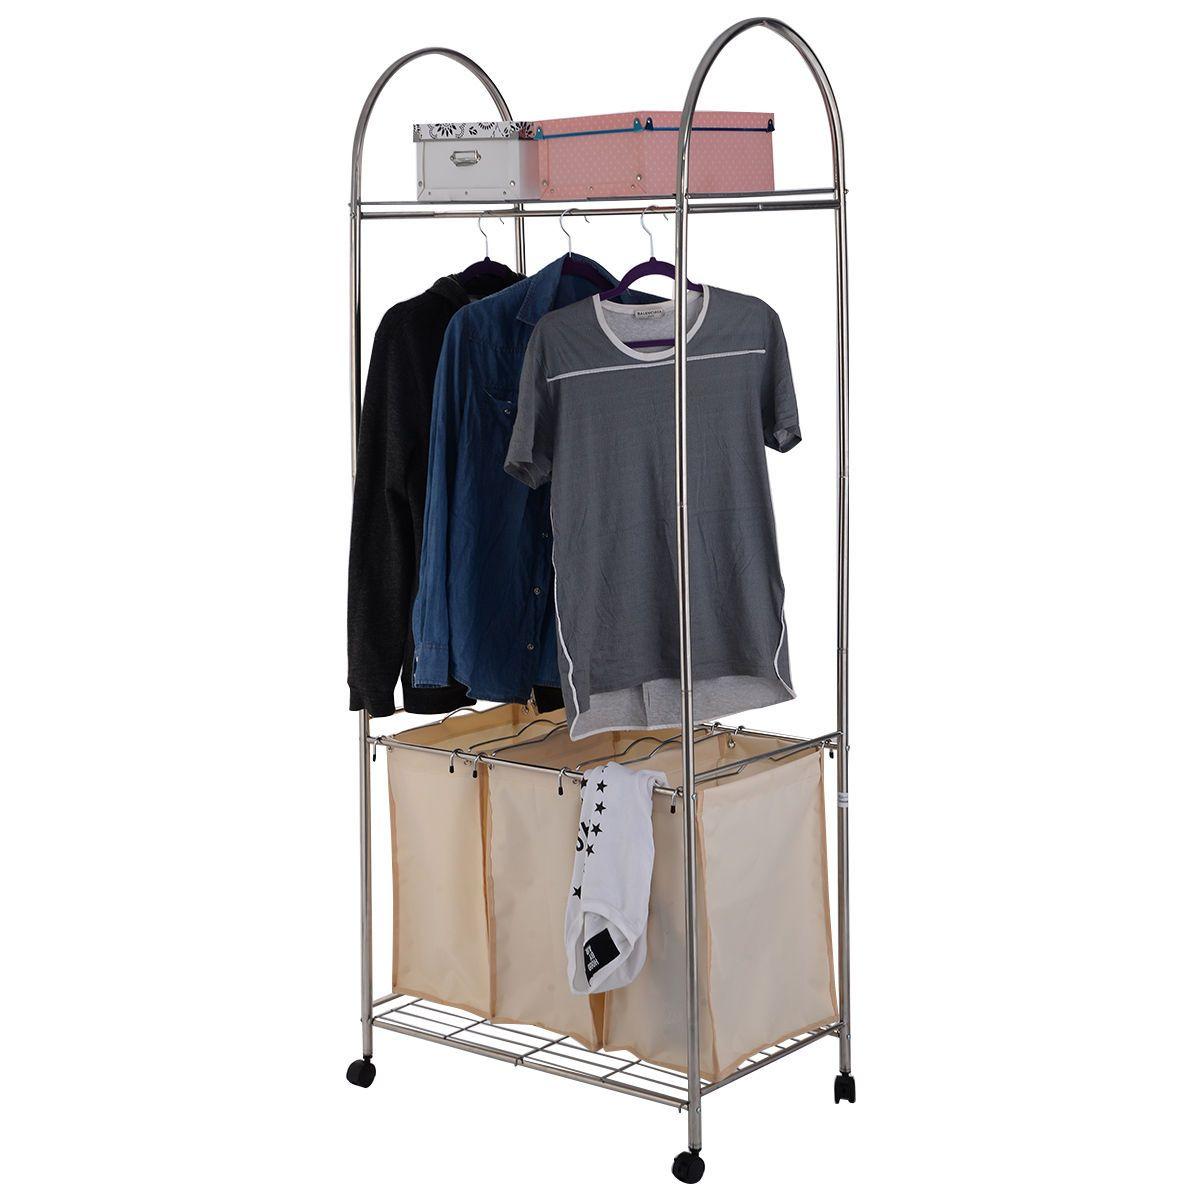 3 bag rolling laundry cart sorter hamper washing clothes bin storage basket rack